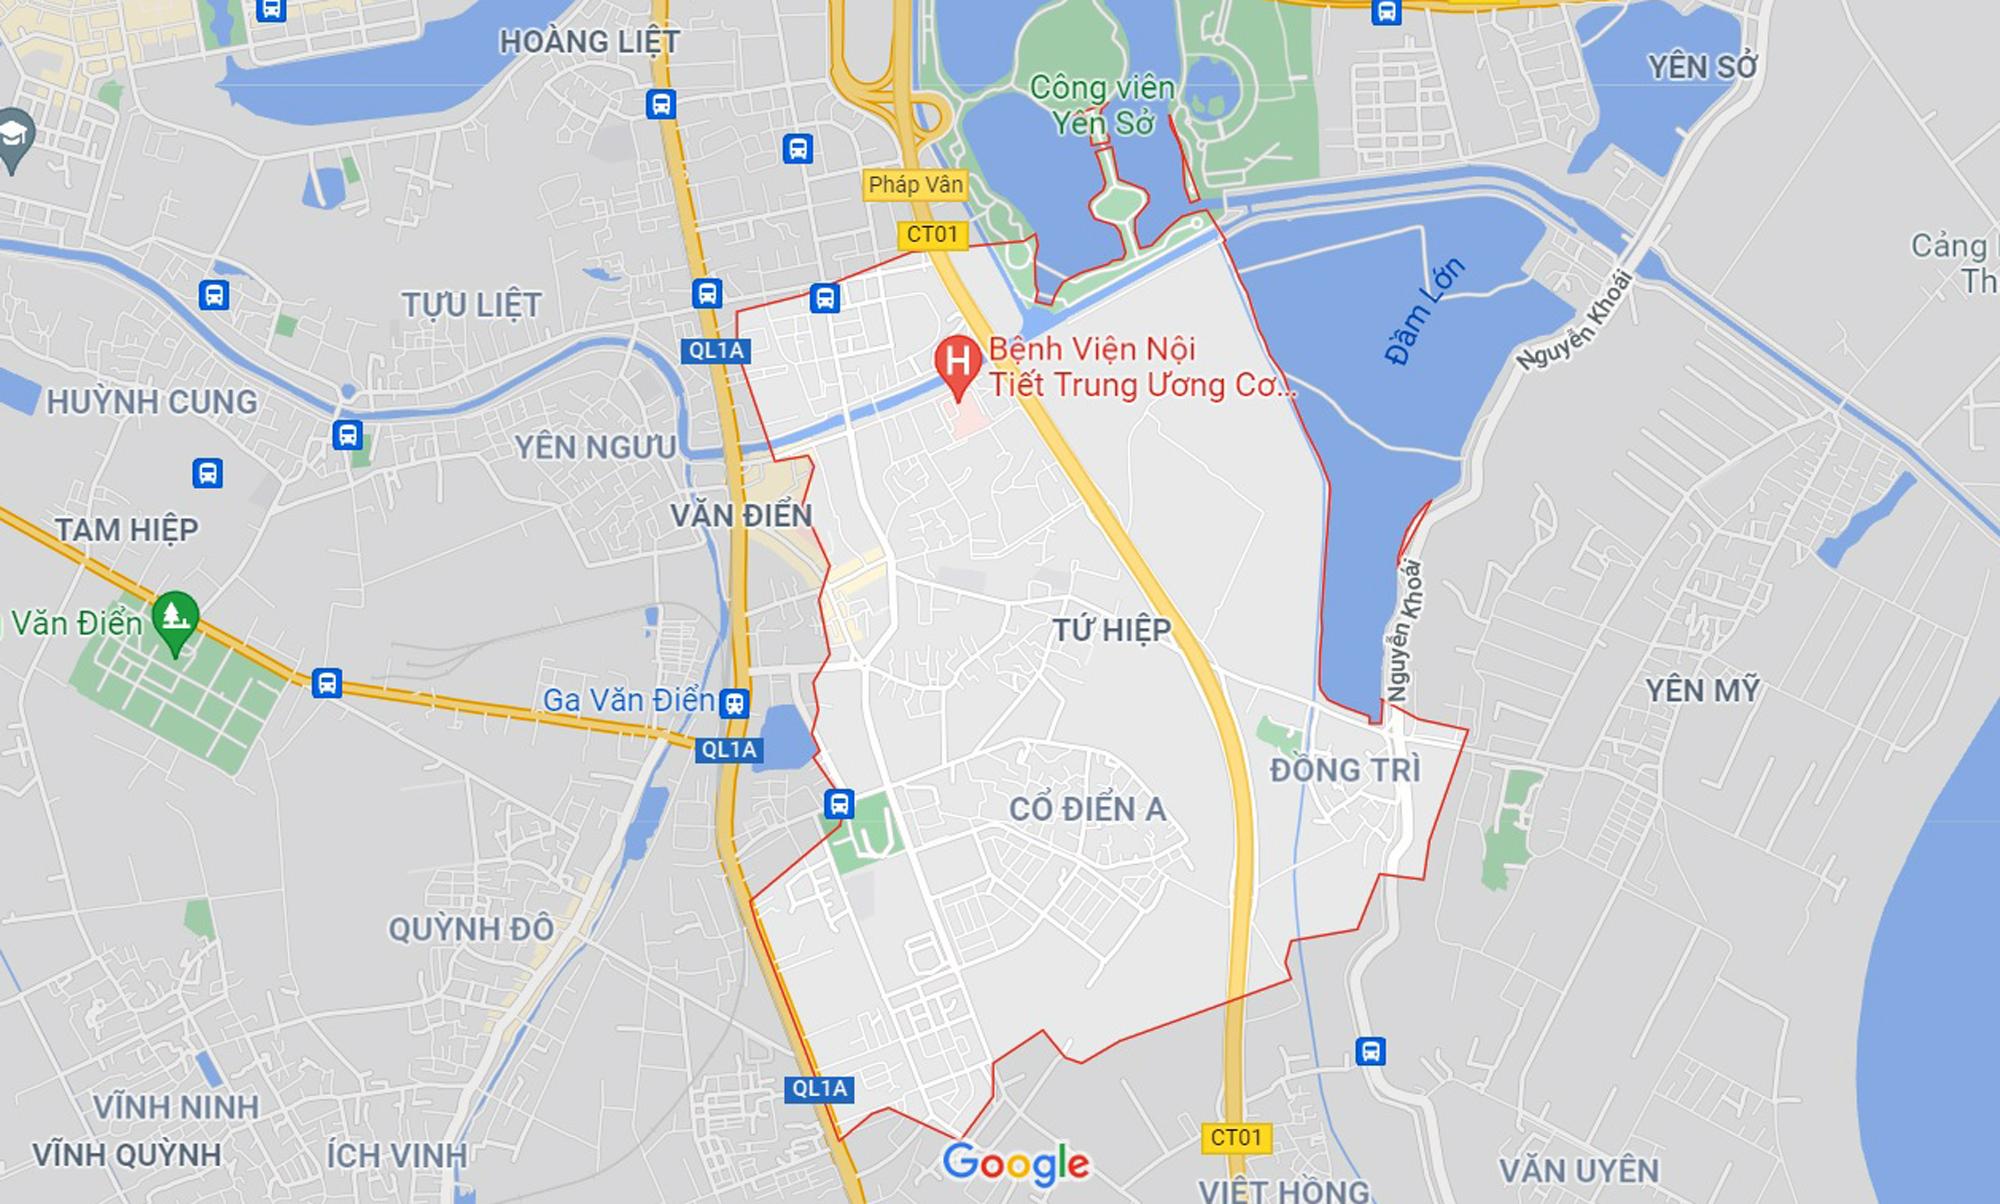 Những khu đất sắp thu hồi để mở đường ở xã Tứ Hiệp, Thanh Trì, Hà Nội (phần 4) - Ảnh 1.